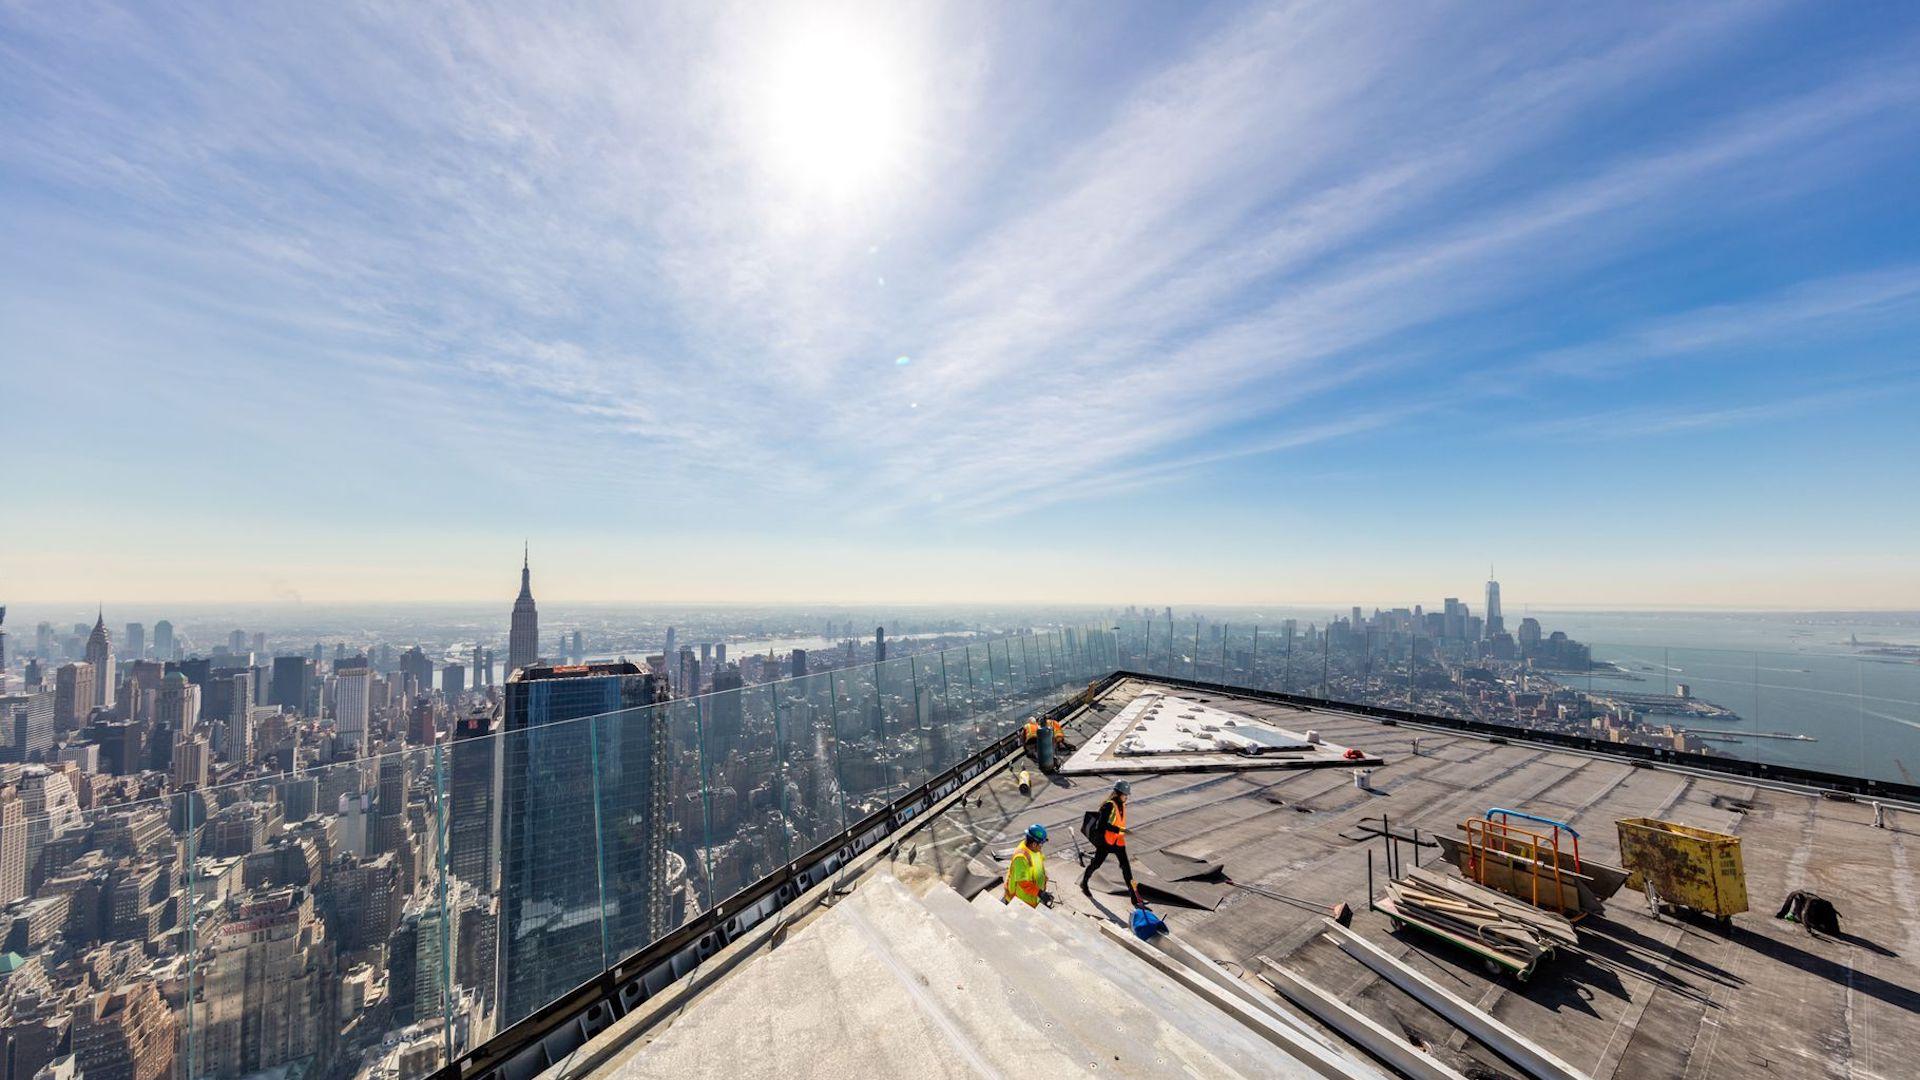 Así se ve New York, desde Edge, el observatorio en Hudson Yards